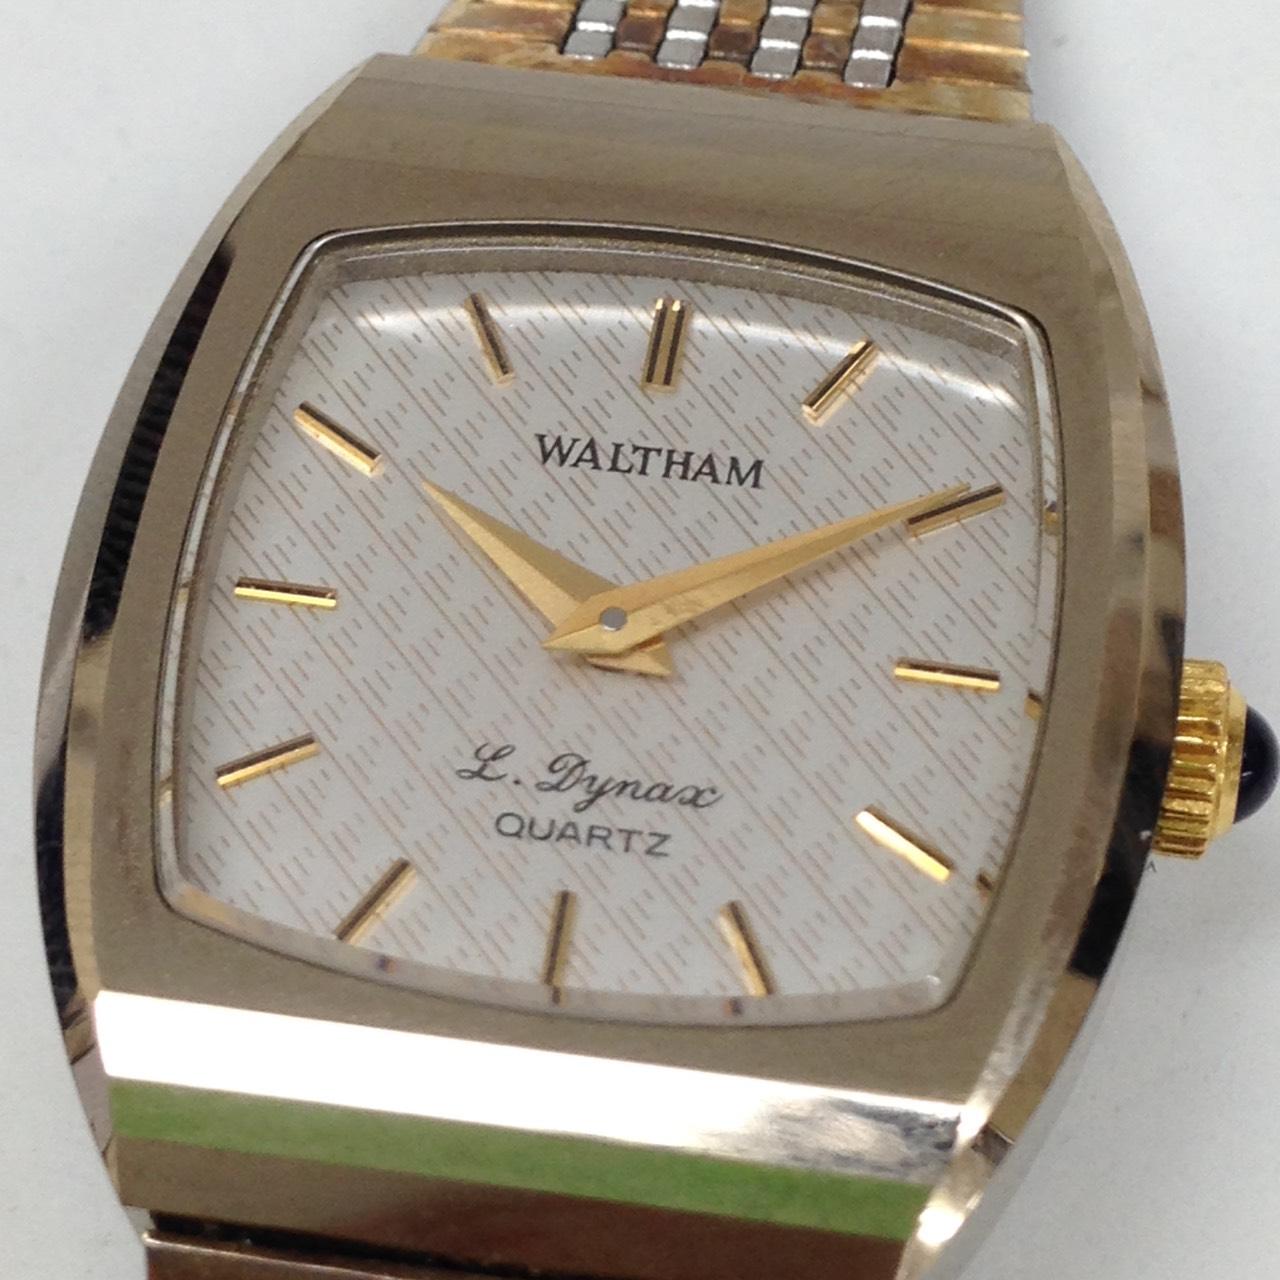 WALTHAM ウォルサム レディースウォッチ 2705170